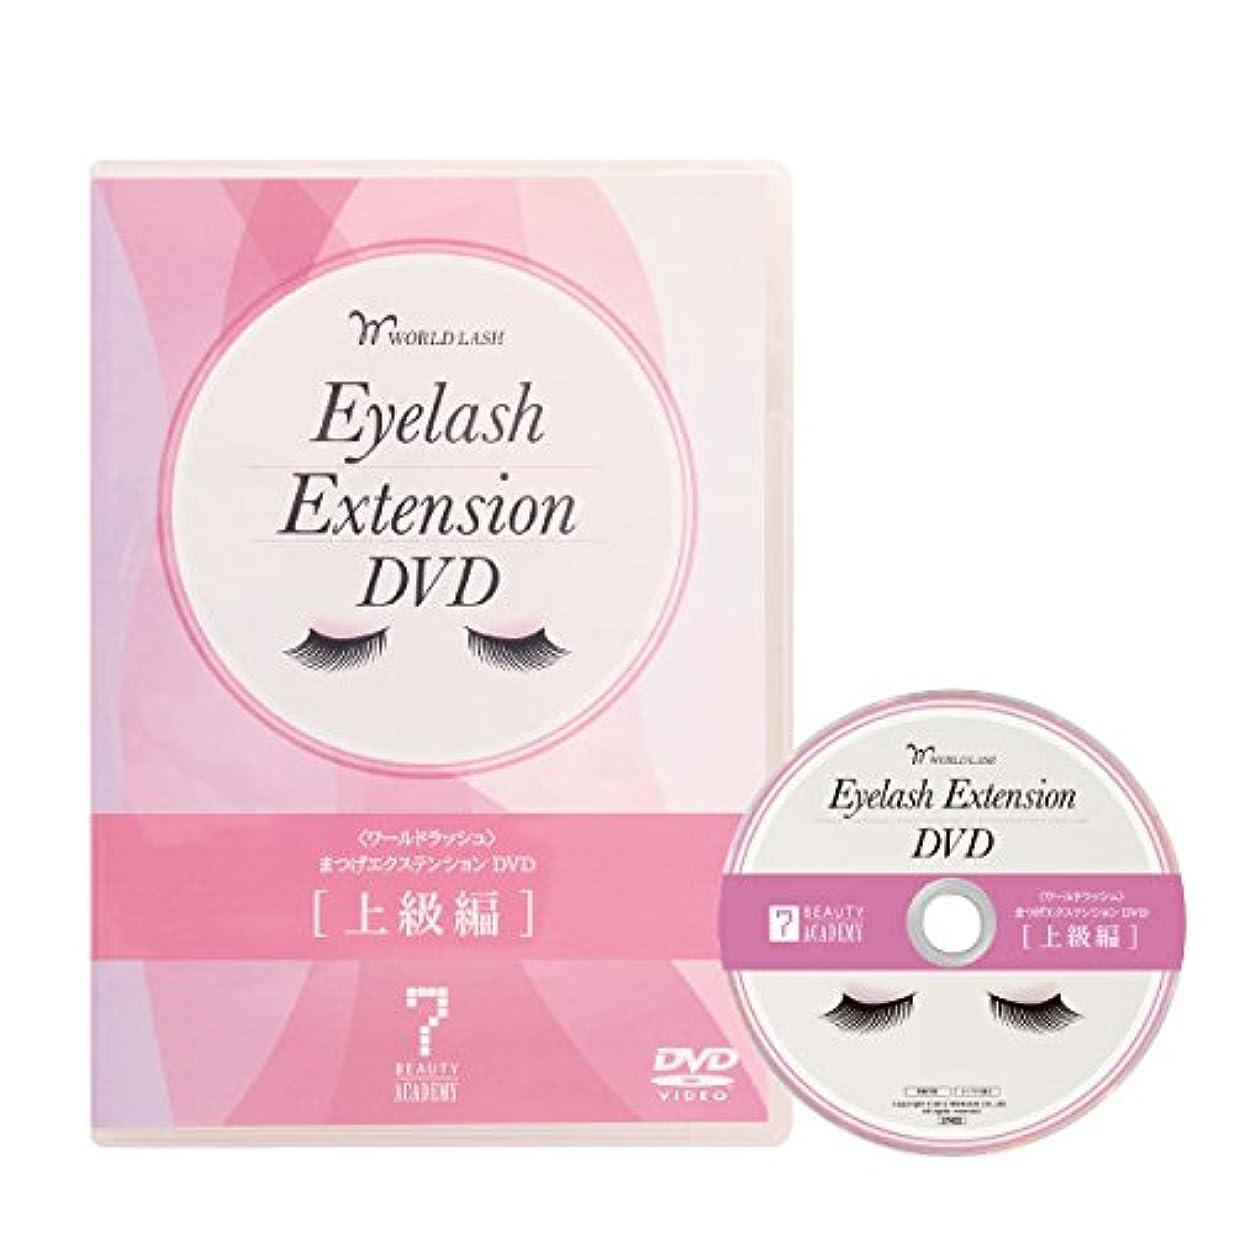 万歳リーフレット白鳥< WORLD LASH > まつげエクステンション DVD (上級編) [ 教材 テキスト DVD まつげエクステ まつ毛エクステ まつエク マツエク サロン用 ]